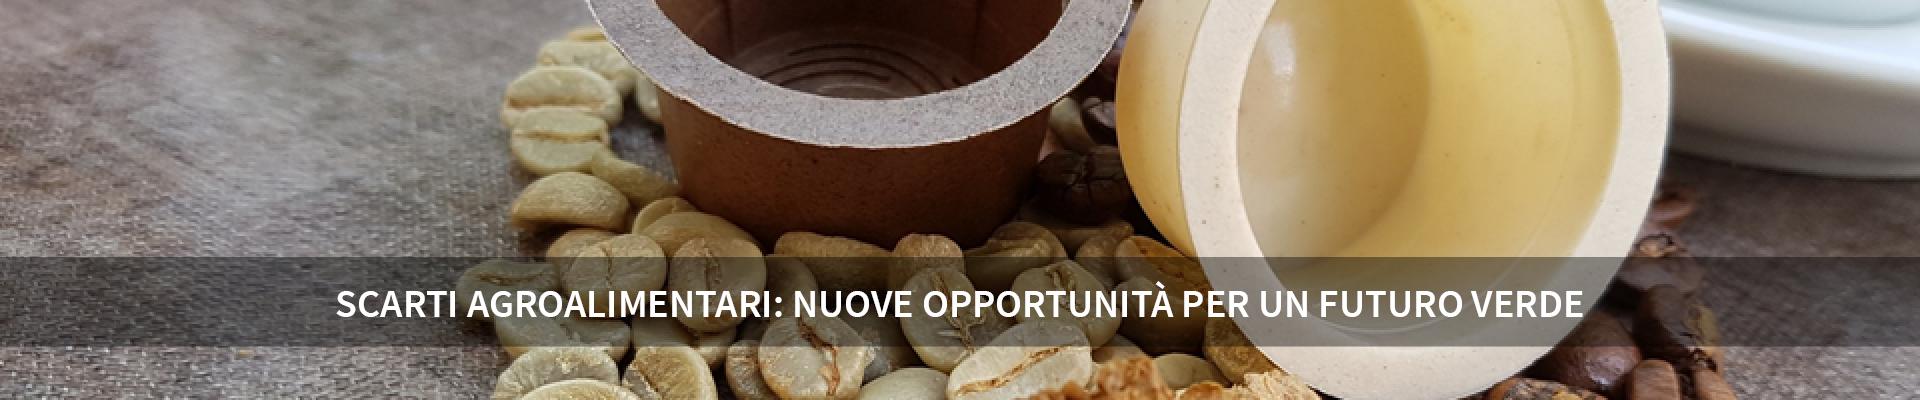 Scarti agroalimentari: nuove opportunità per un futuro verde -